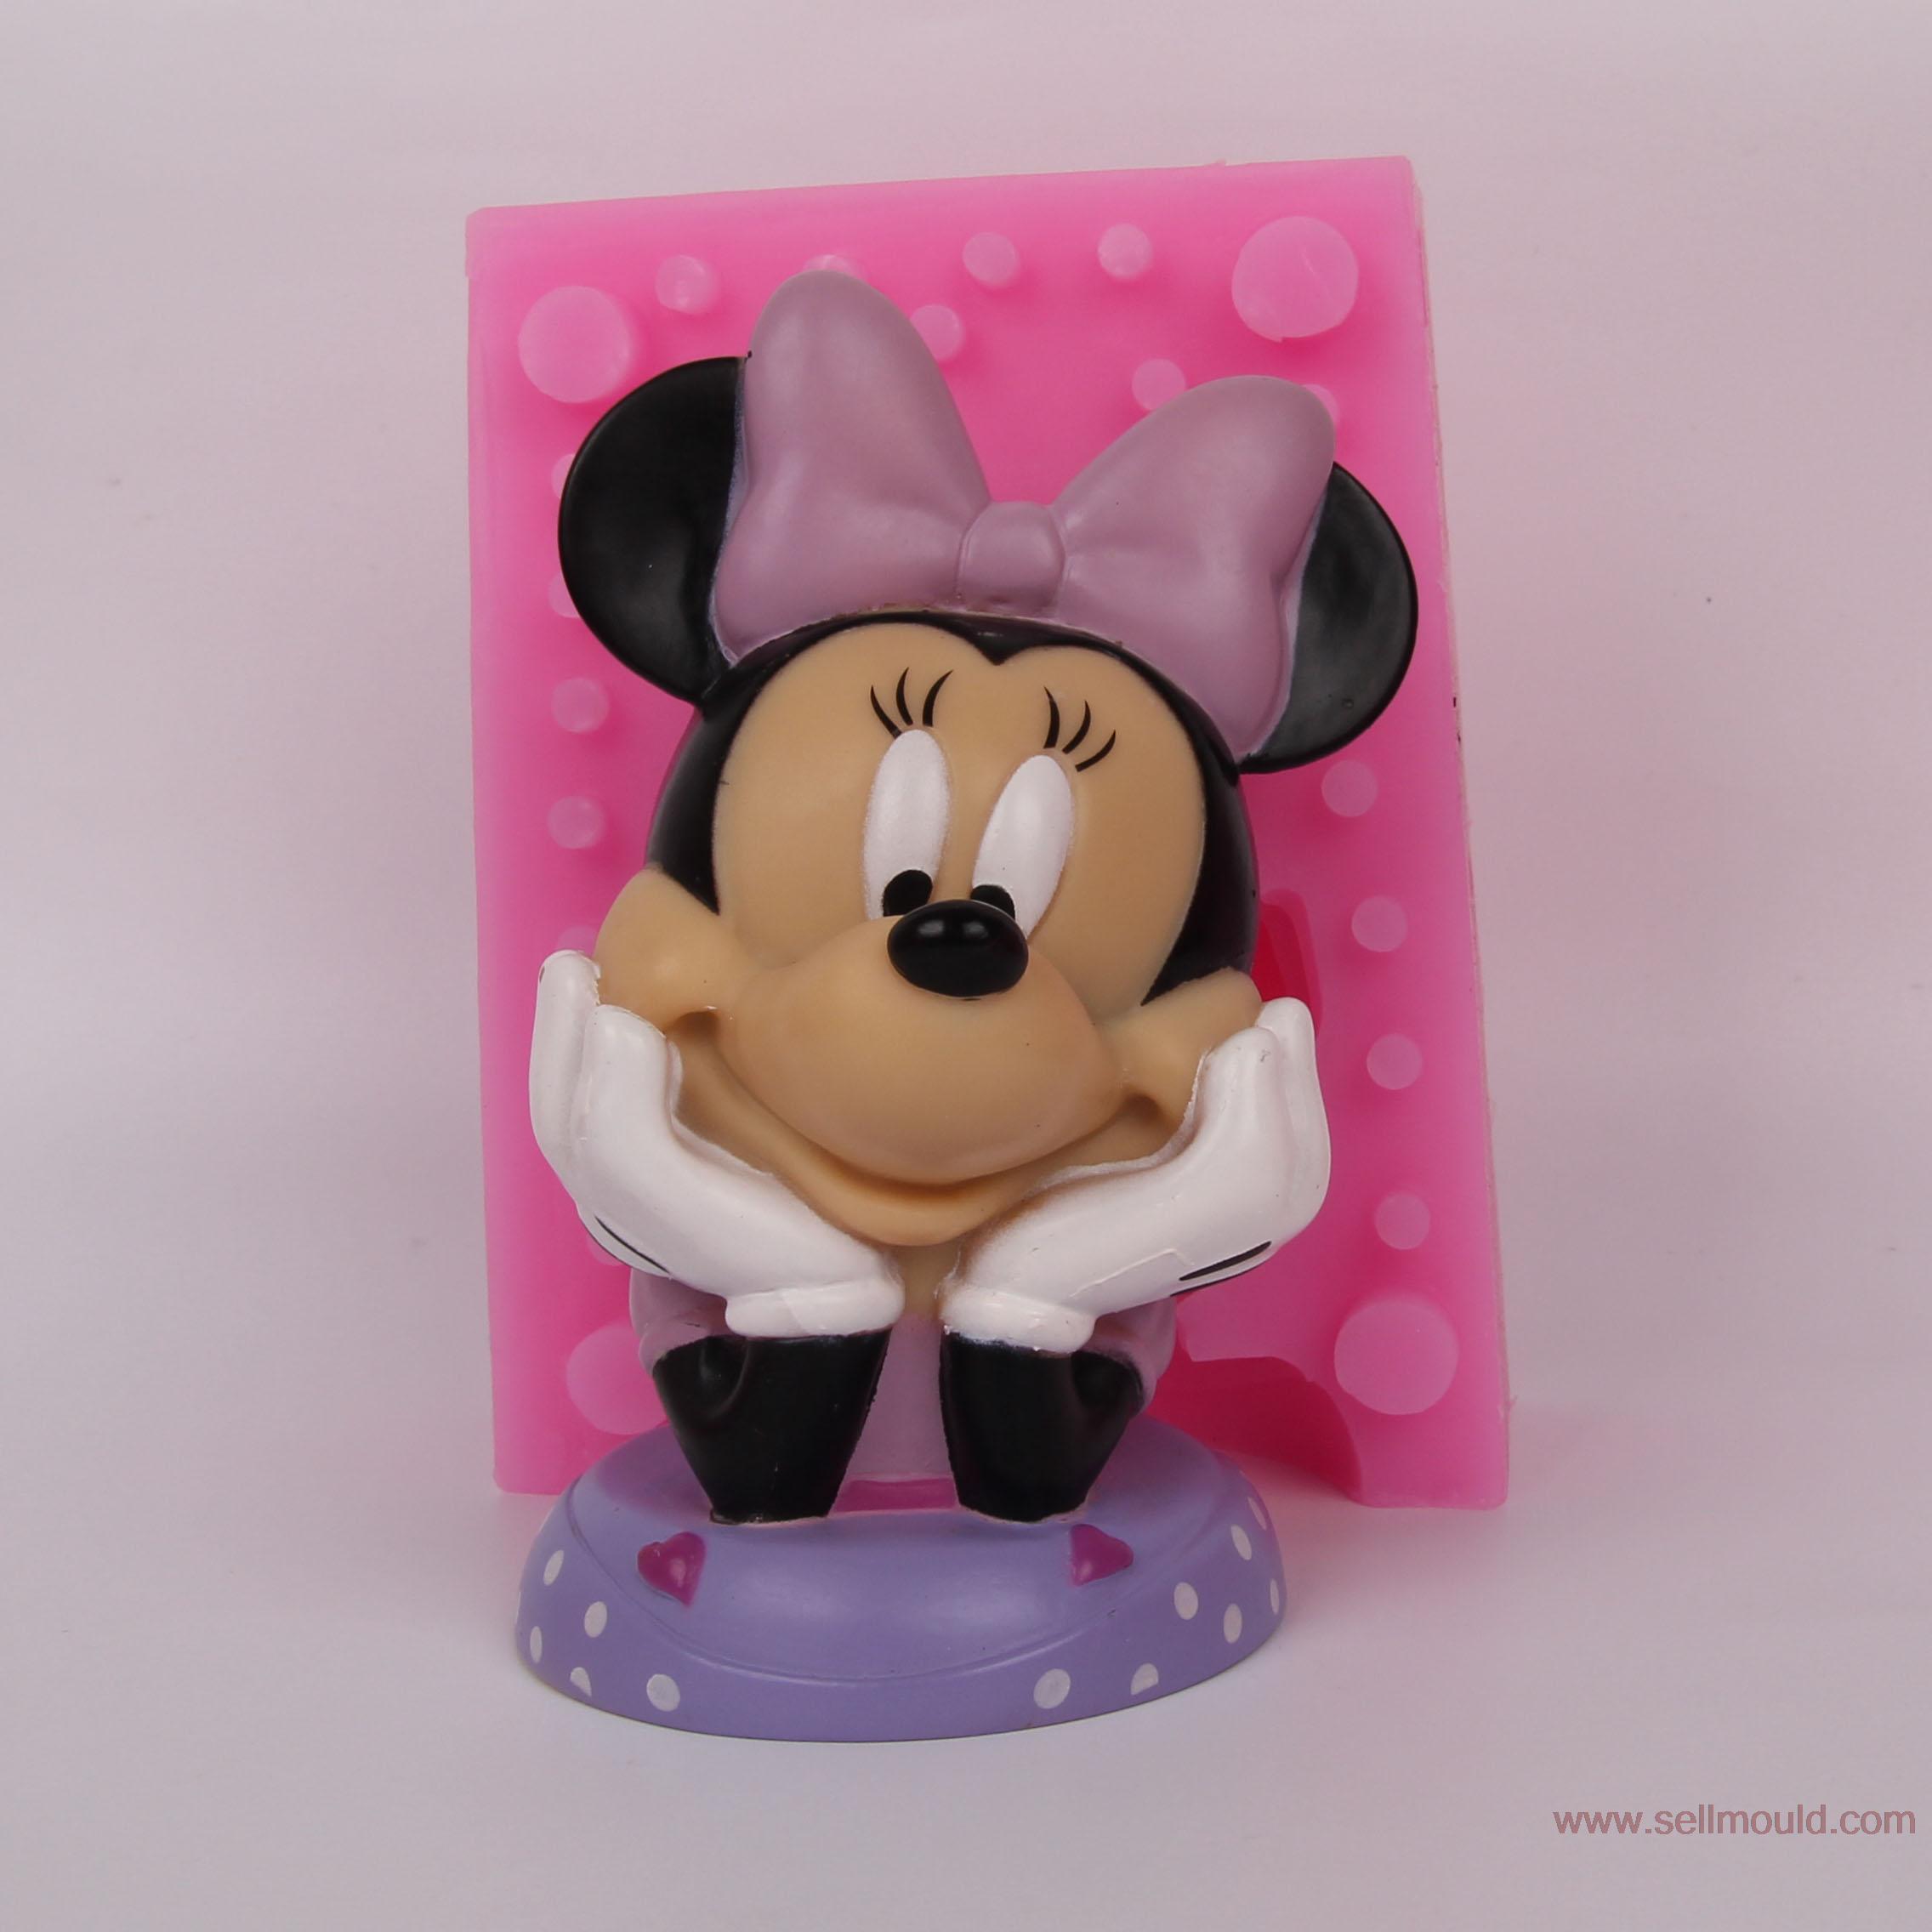 3d silicone bougie moules chocolat résine artisanat moules moule gâteau décoration outils souris BKSILICONE WB021